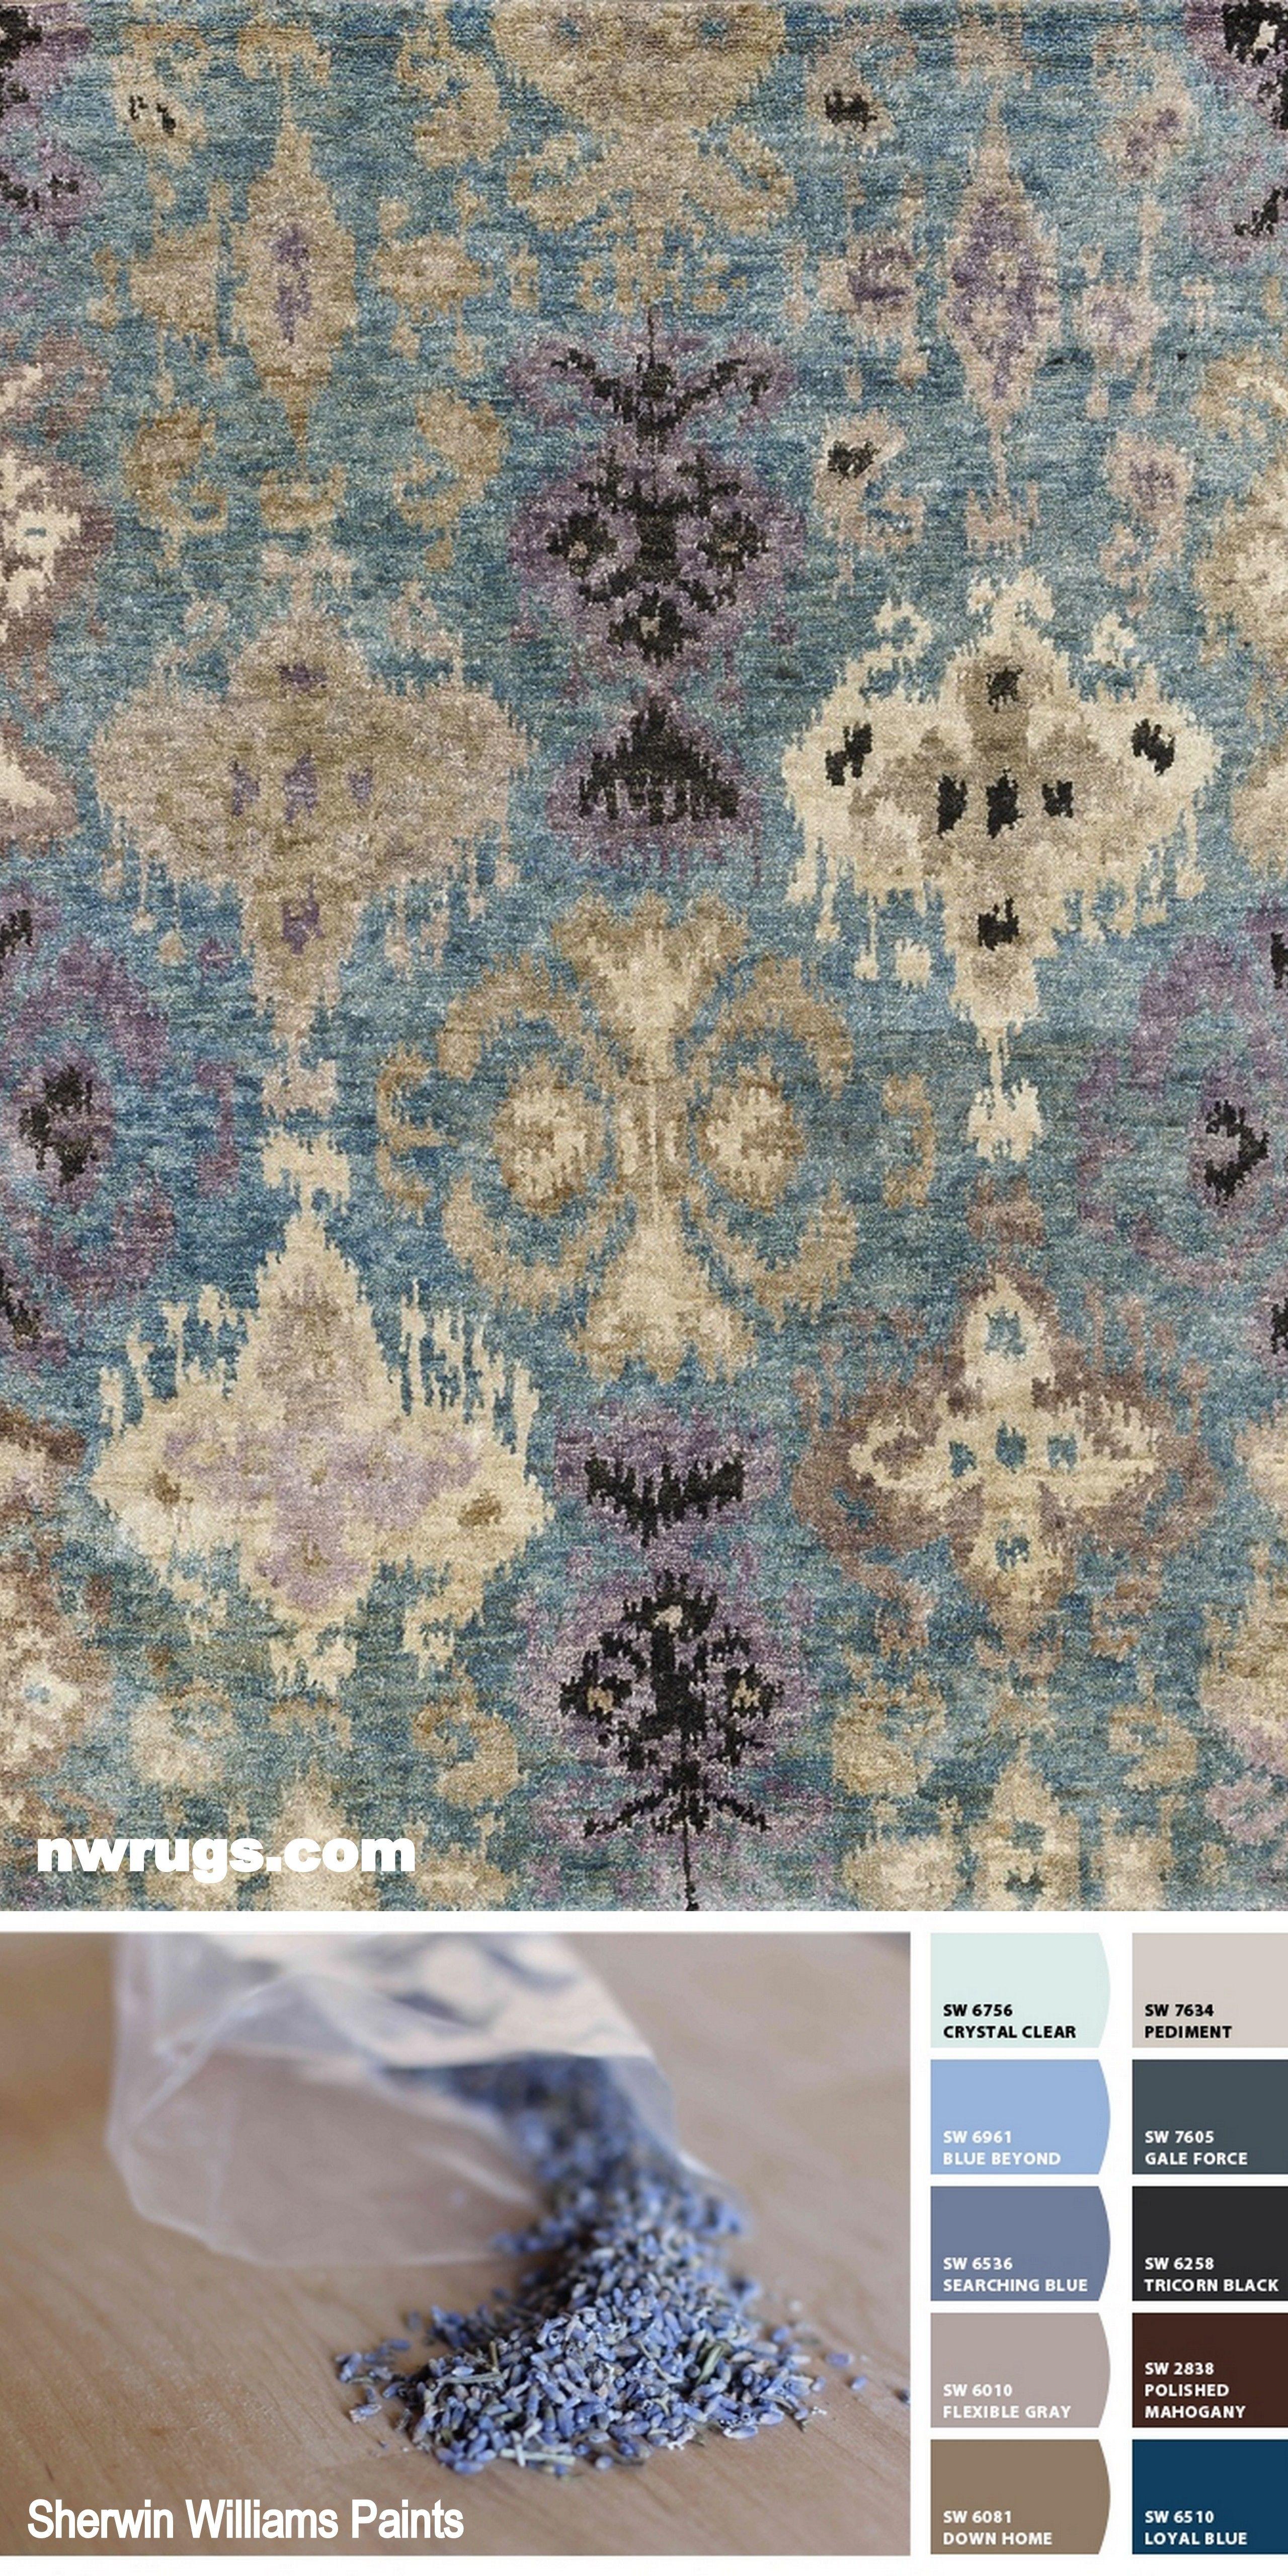 Material flat weave cotton the sumptuous xavier - Exterior house color scheme generator ...